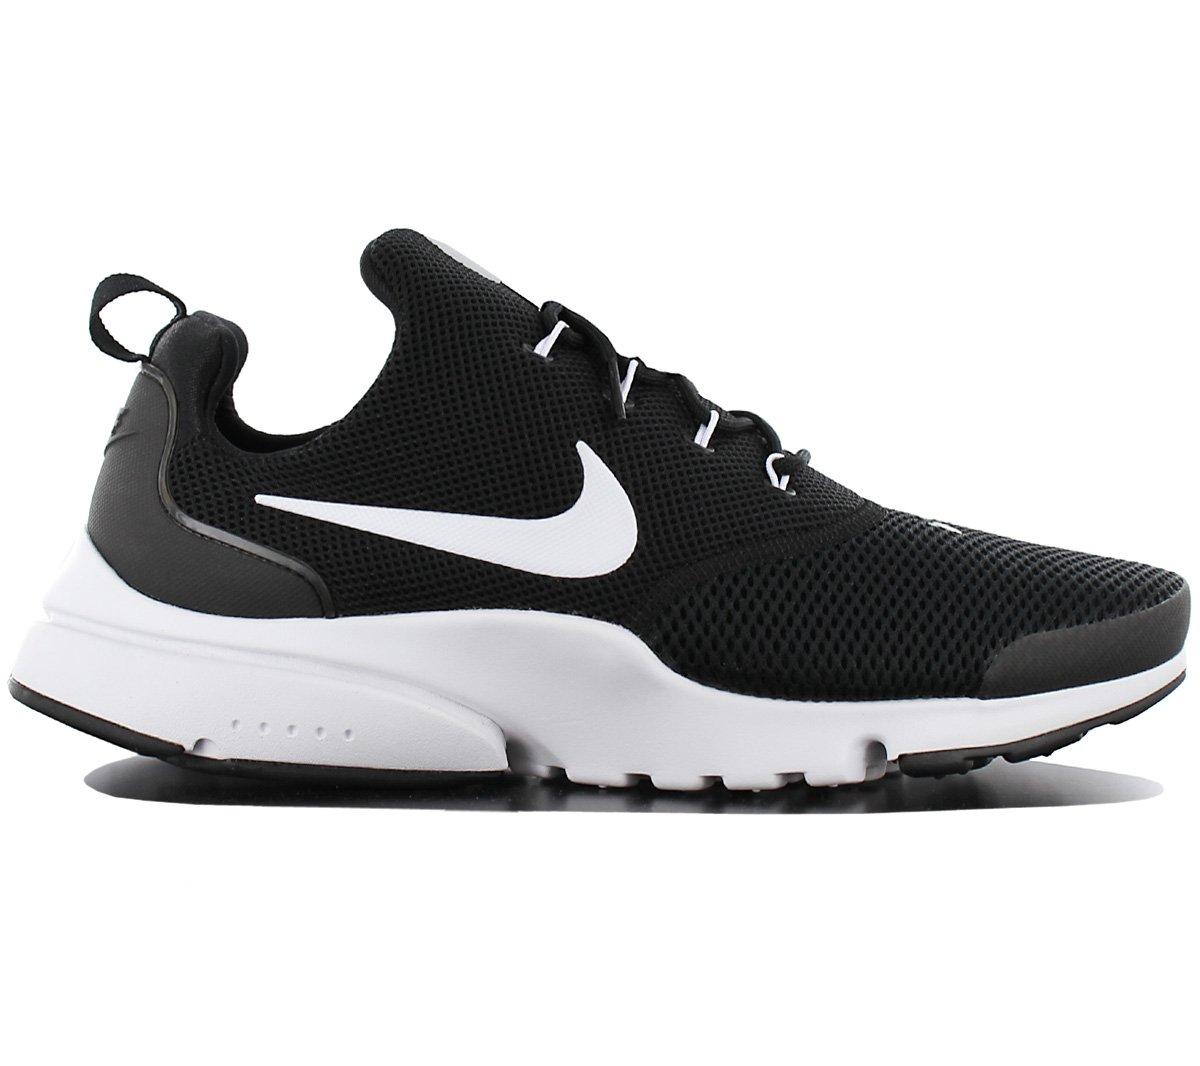 91234ea3b23 Galleon - Nike Men s Presto Fly Gymnastics Shoes